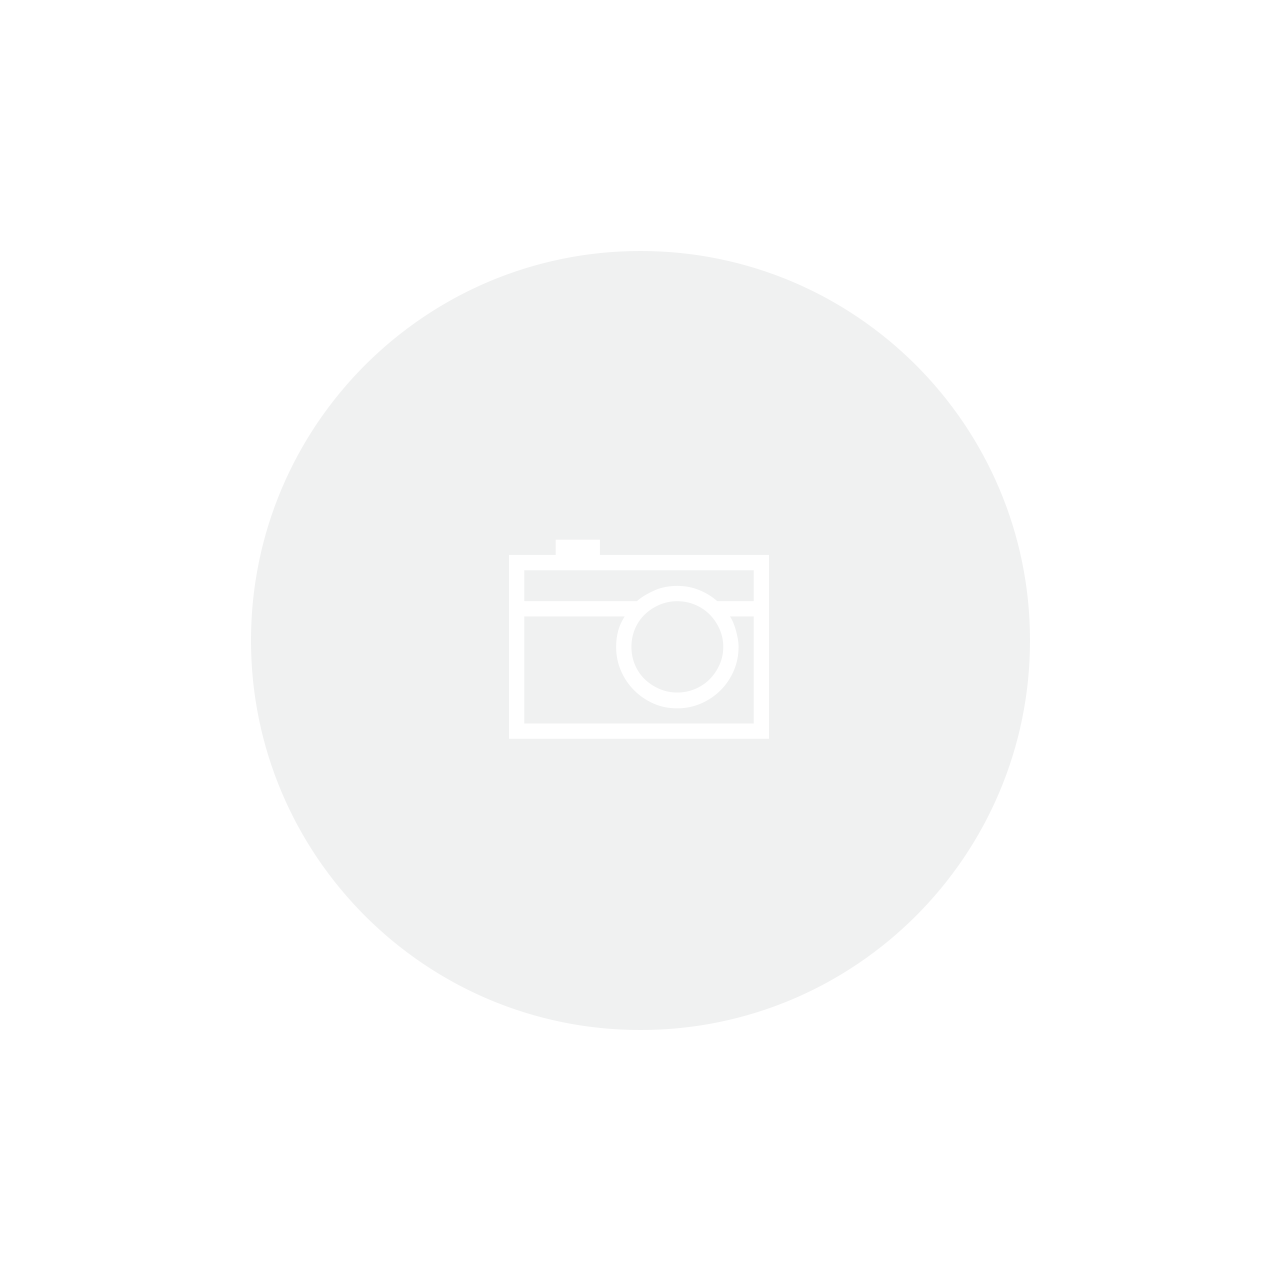 Caneca Branca para Sublimação - CAIXA 36 unidades - GOLD